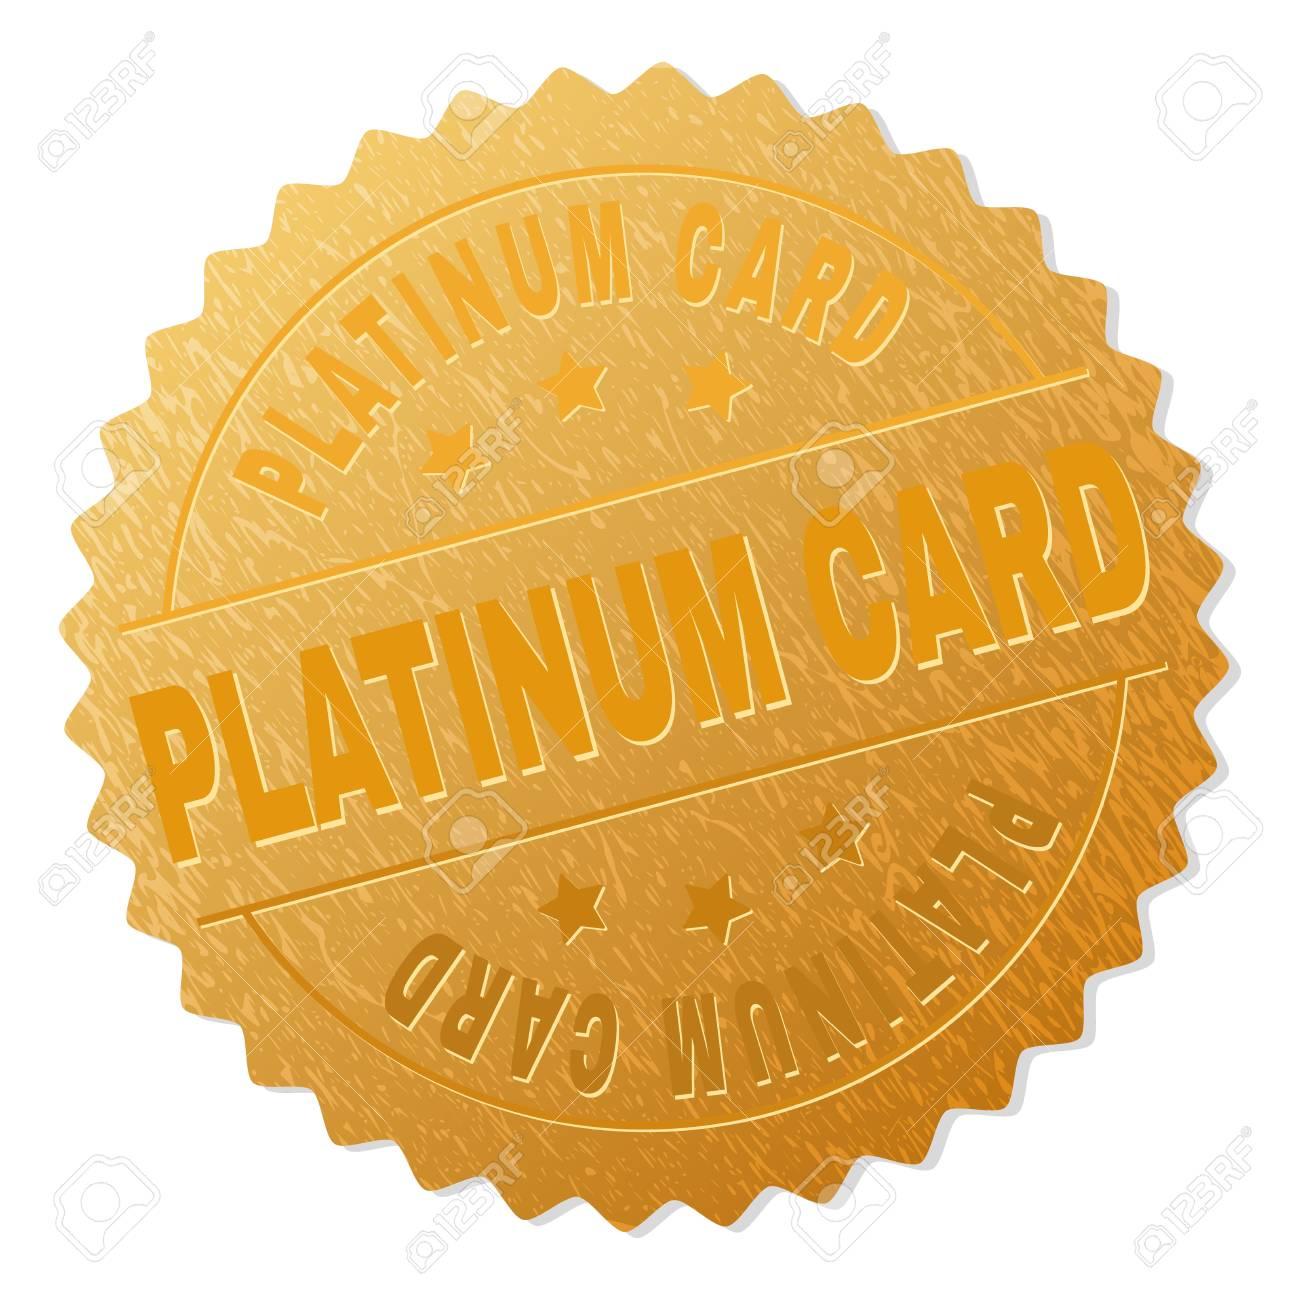 PLATINUM CARD Gold Stamp Award Vector Gold Award With PLATINUM